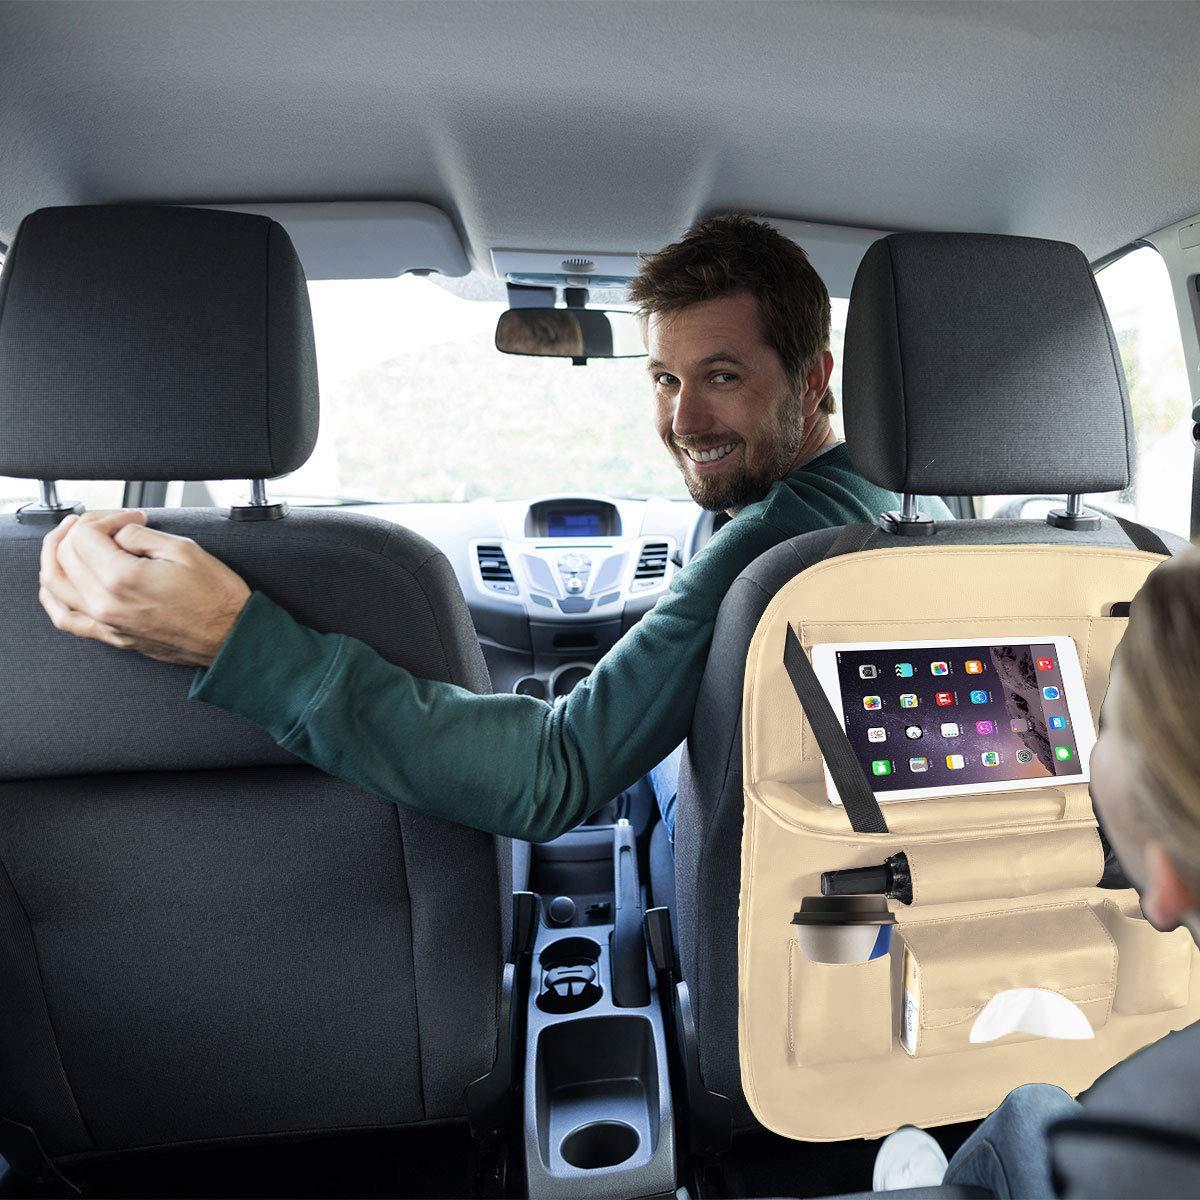 1 St/ück Tablet//Telefon Aufbewahrung ACGAM Auto R/ückenlehnenschutz Beige Wasserdicht Autositz Organizer mit vielen Sack Multifunktionale Auto Aufbewahrungstasche f/ür Auto Ordentlich